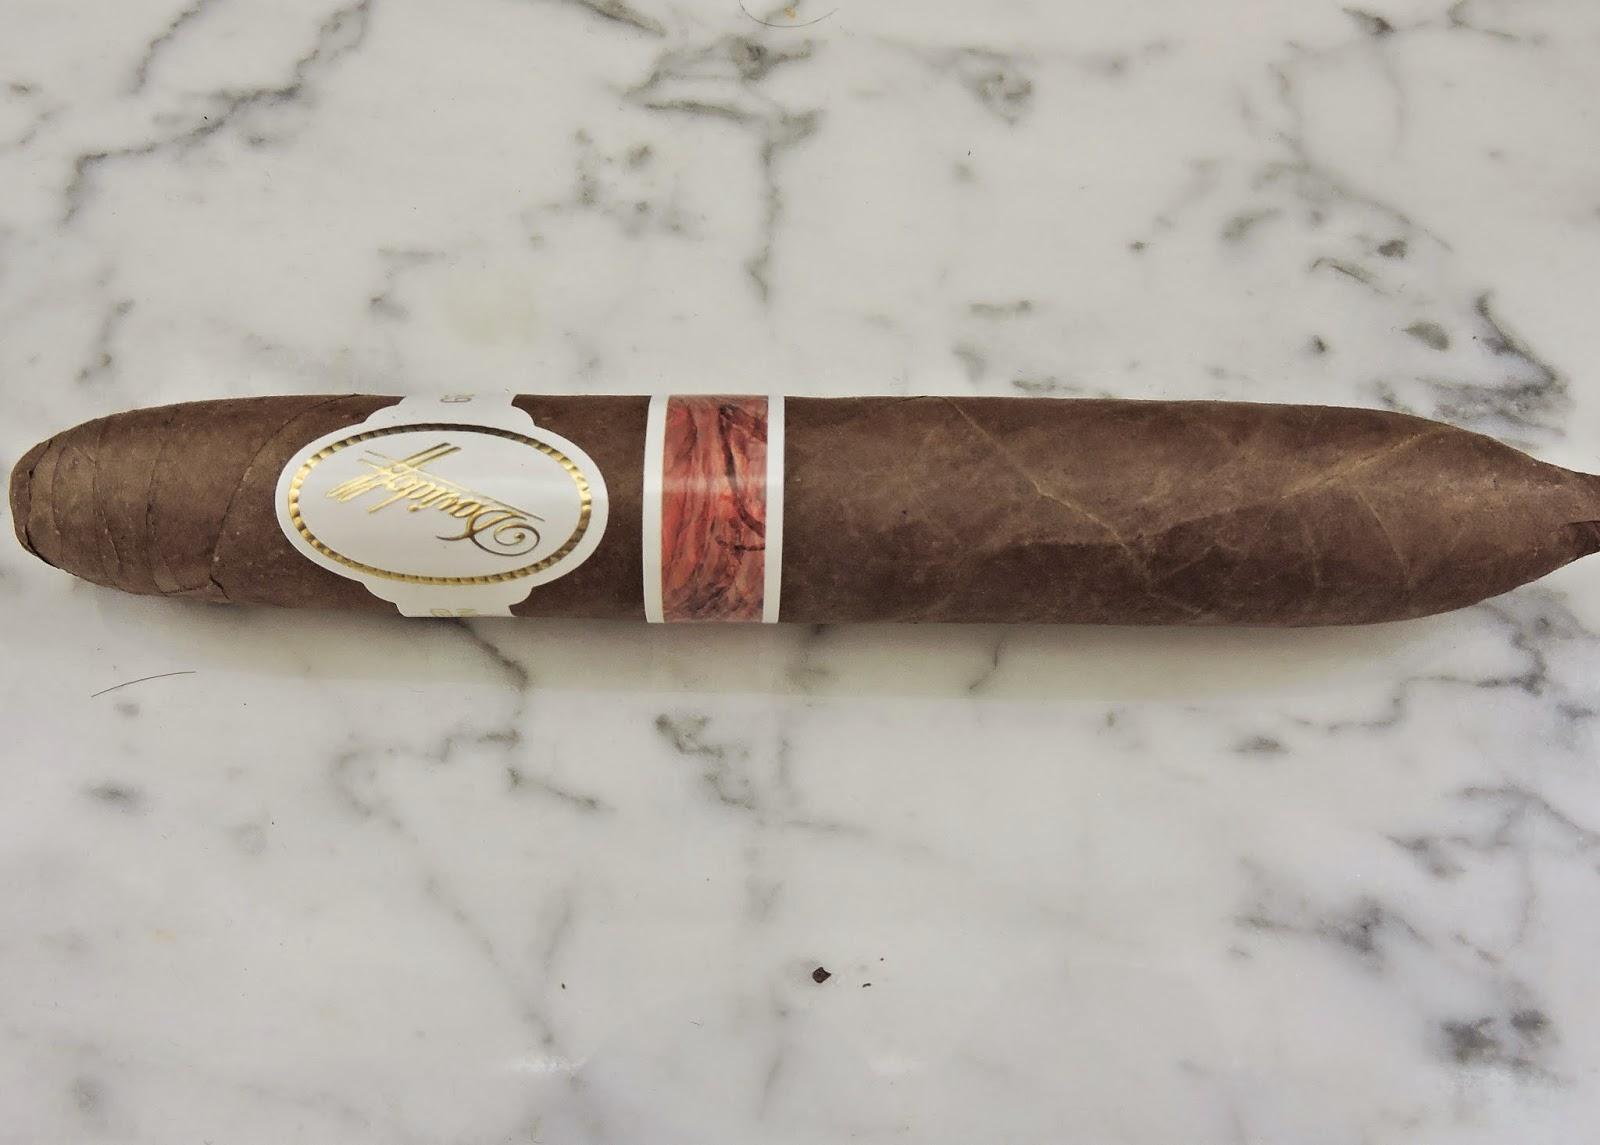 Cigar Review: Davidoff Art Edition 2014